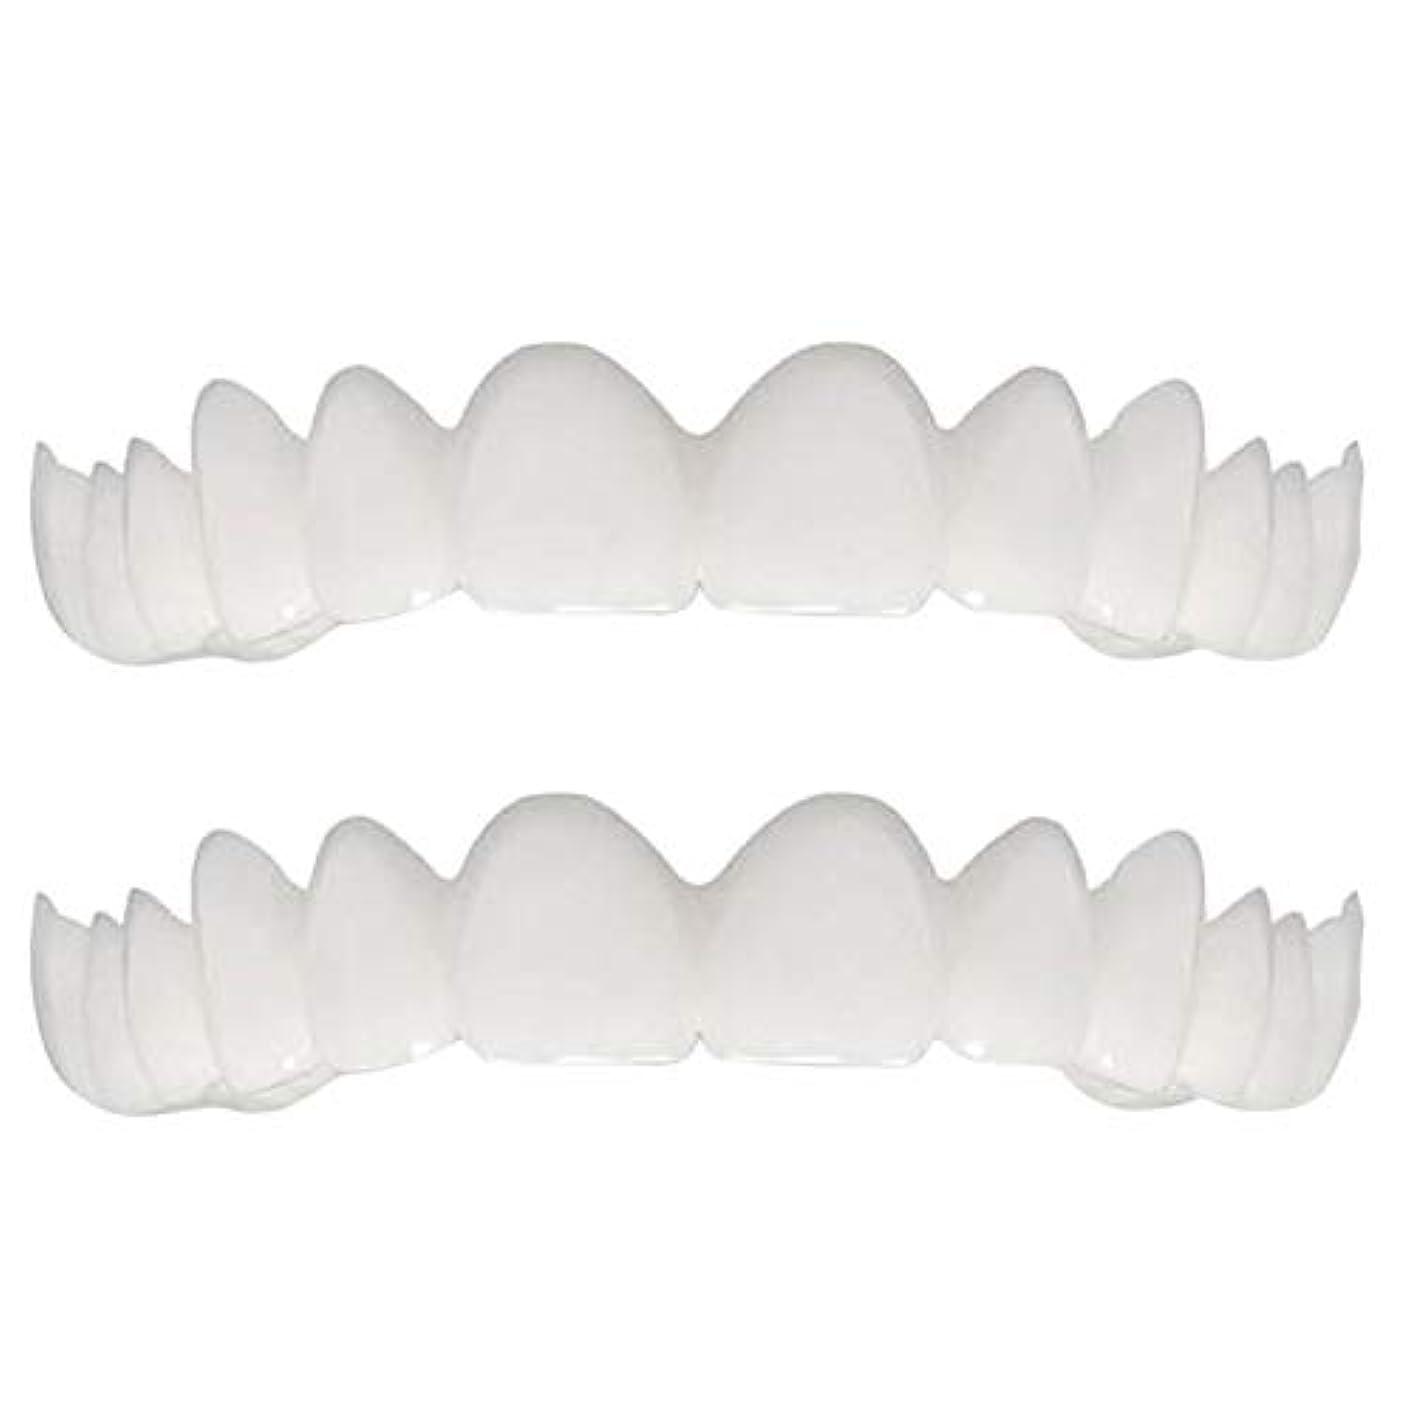 謝罪フィラデルフィアかなりのシリコーンシミュレーション義歯、上下歯列の白い歯ブレース(1セット),Boxed,UpperLower